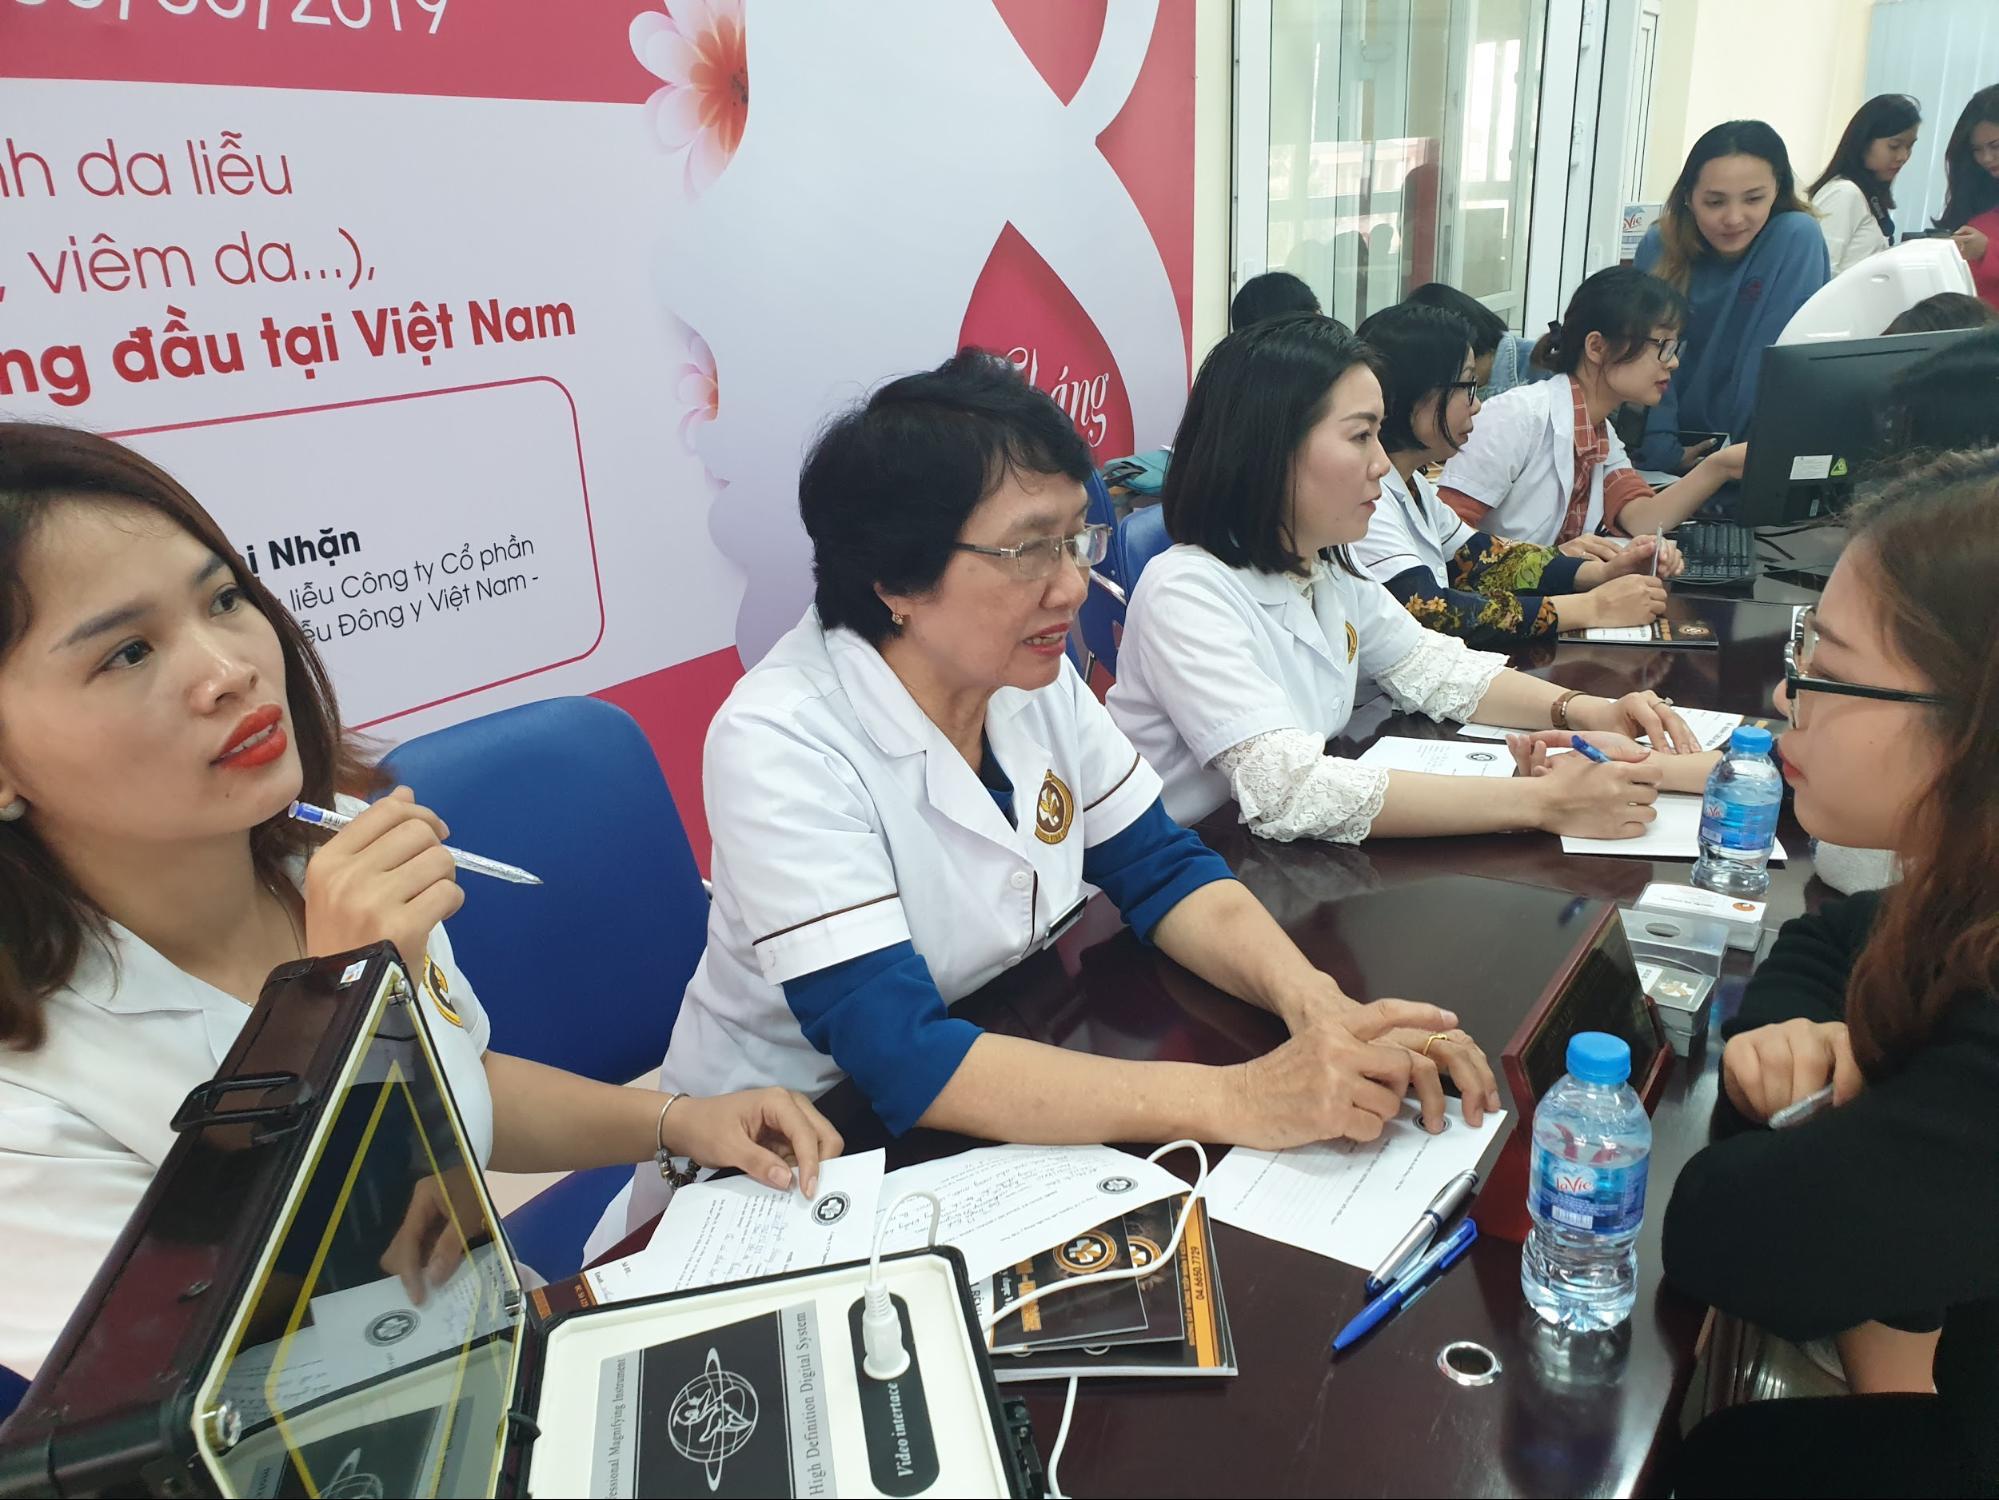 các bác sĩ, chuyên gia của Công ty CP Nghiên cứu Da liễu Đông y Việt Nam đang tư vấn cho sinh viên tại trường Cao đẳng truyền hình